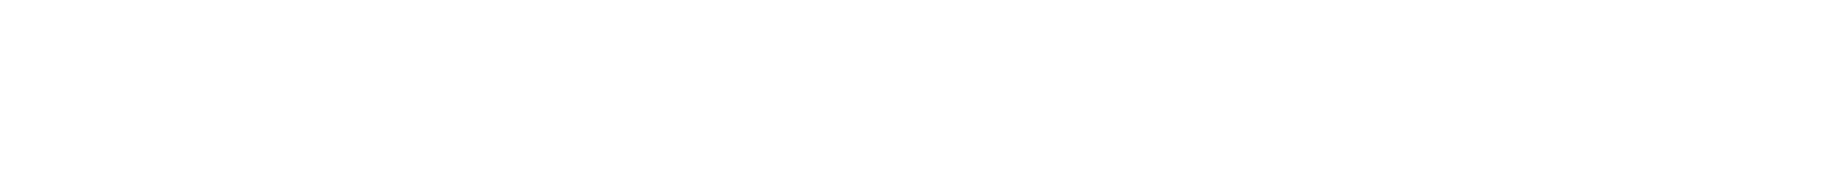 Vanquish-me-logo-white